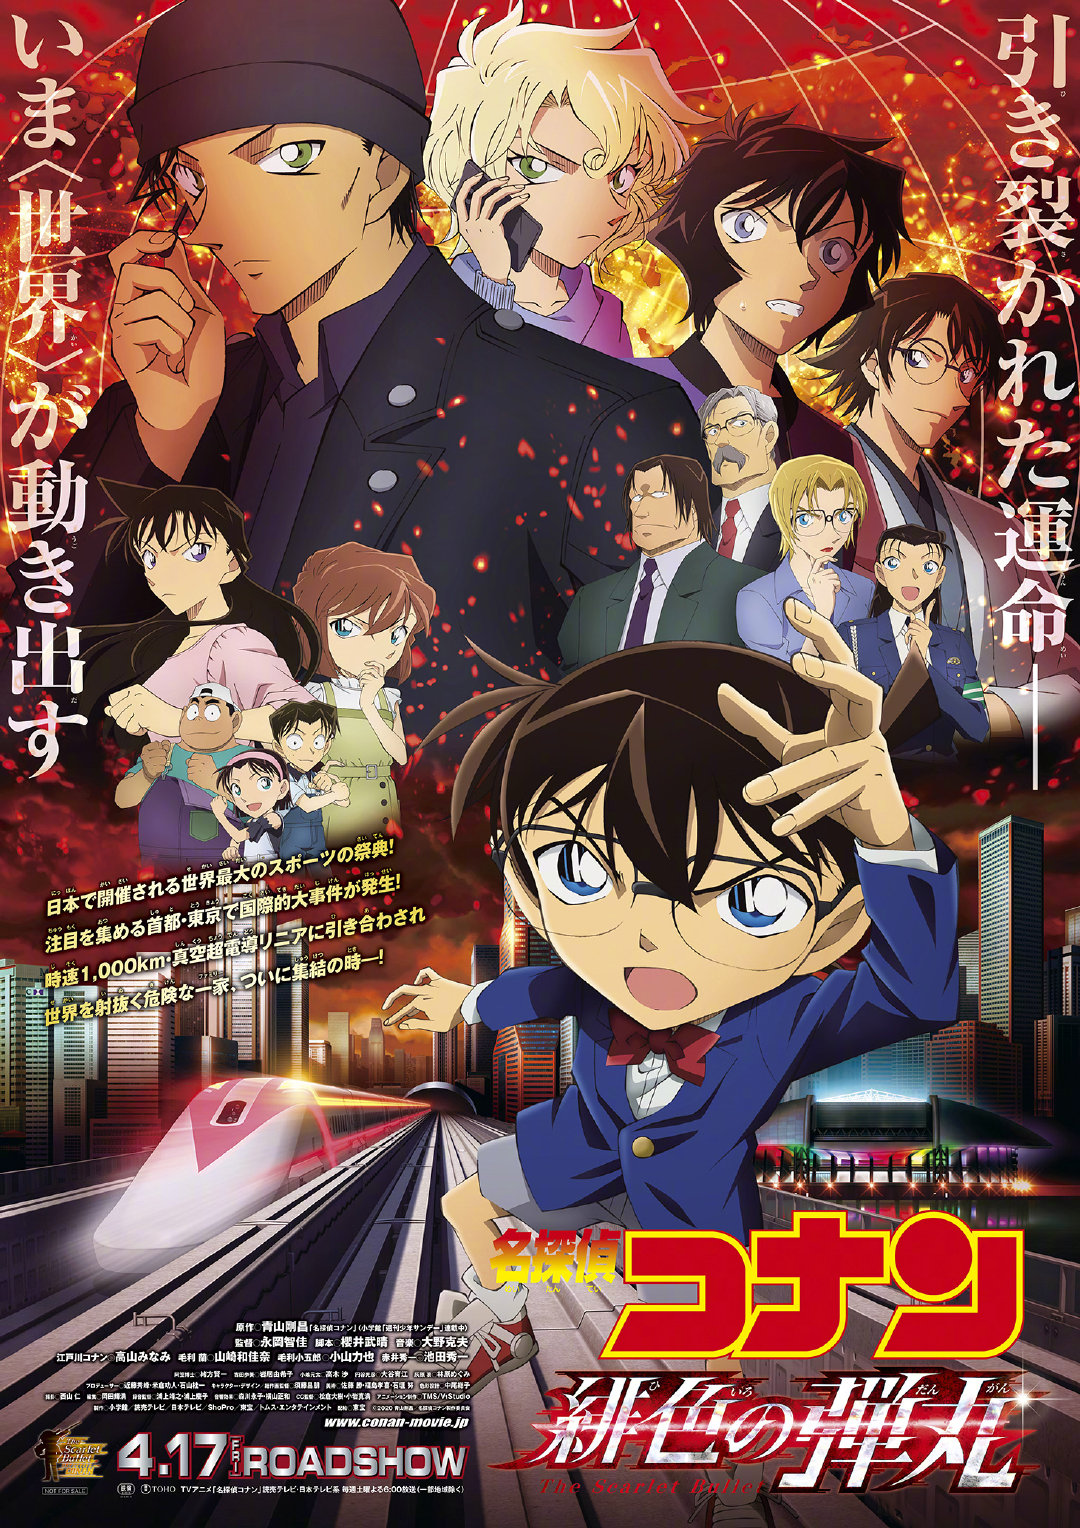 《名偵探柯南:緋色的彈丸》海報 4月17日上映